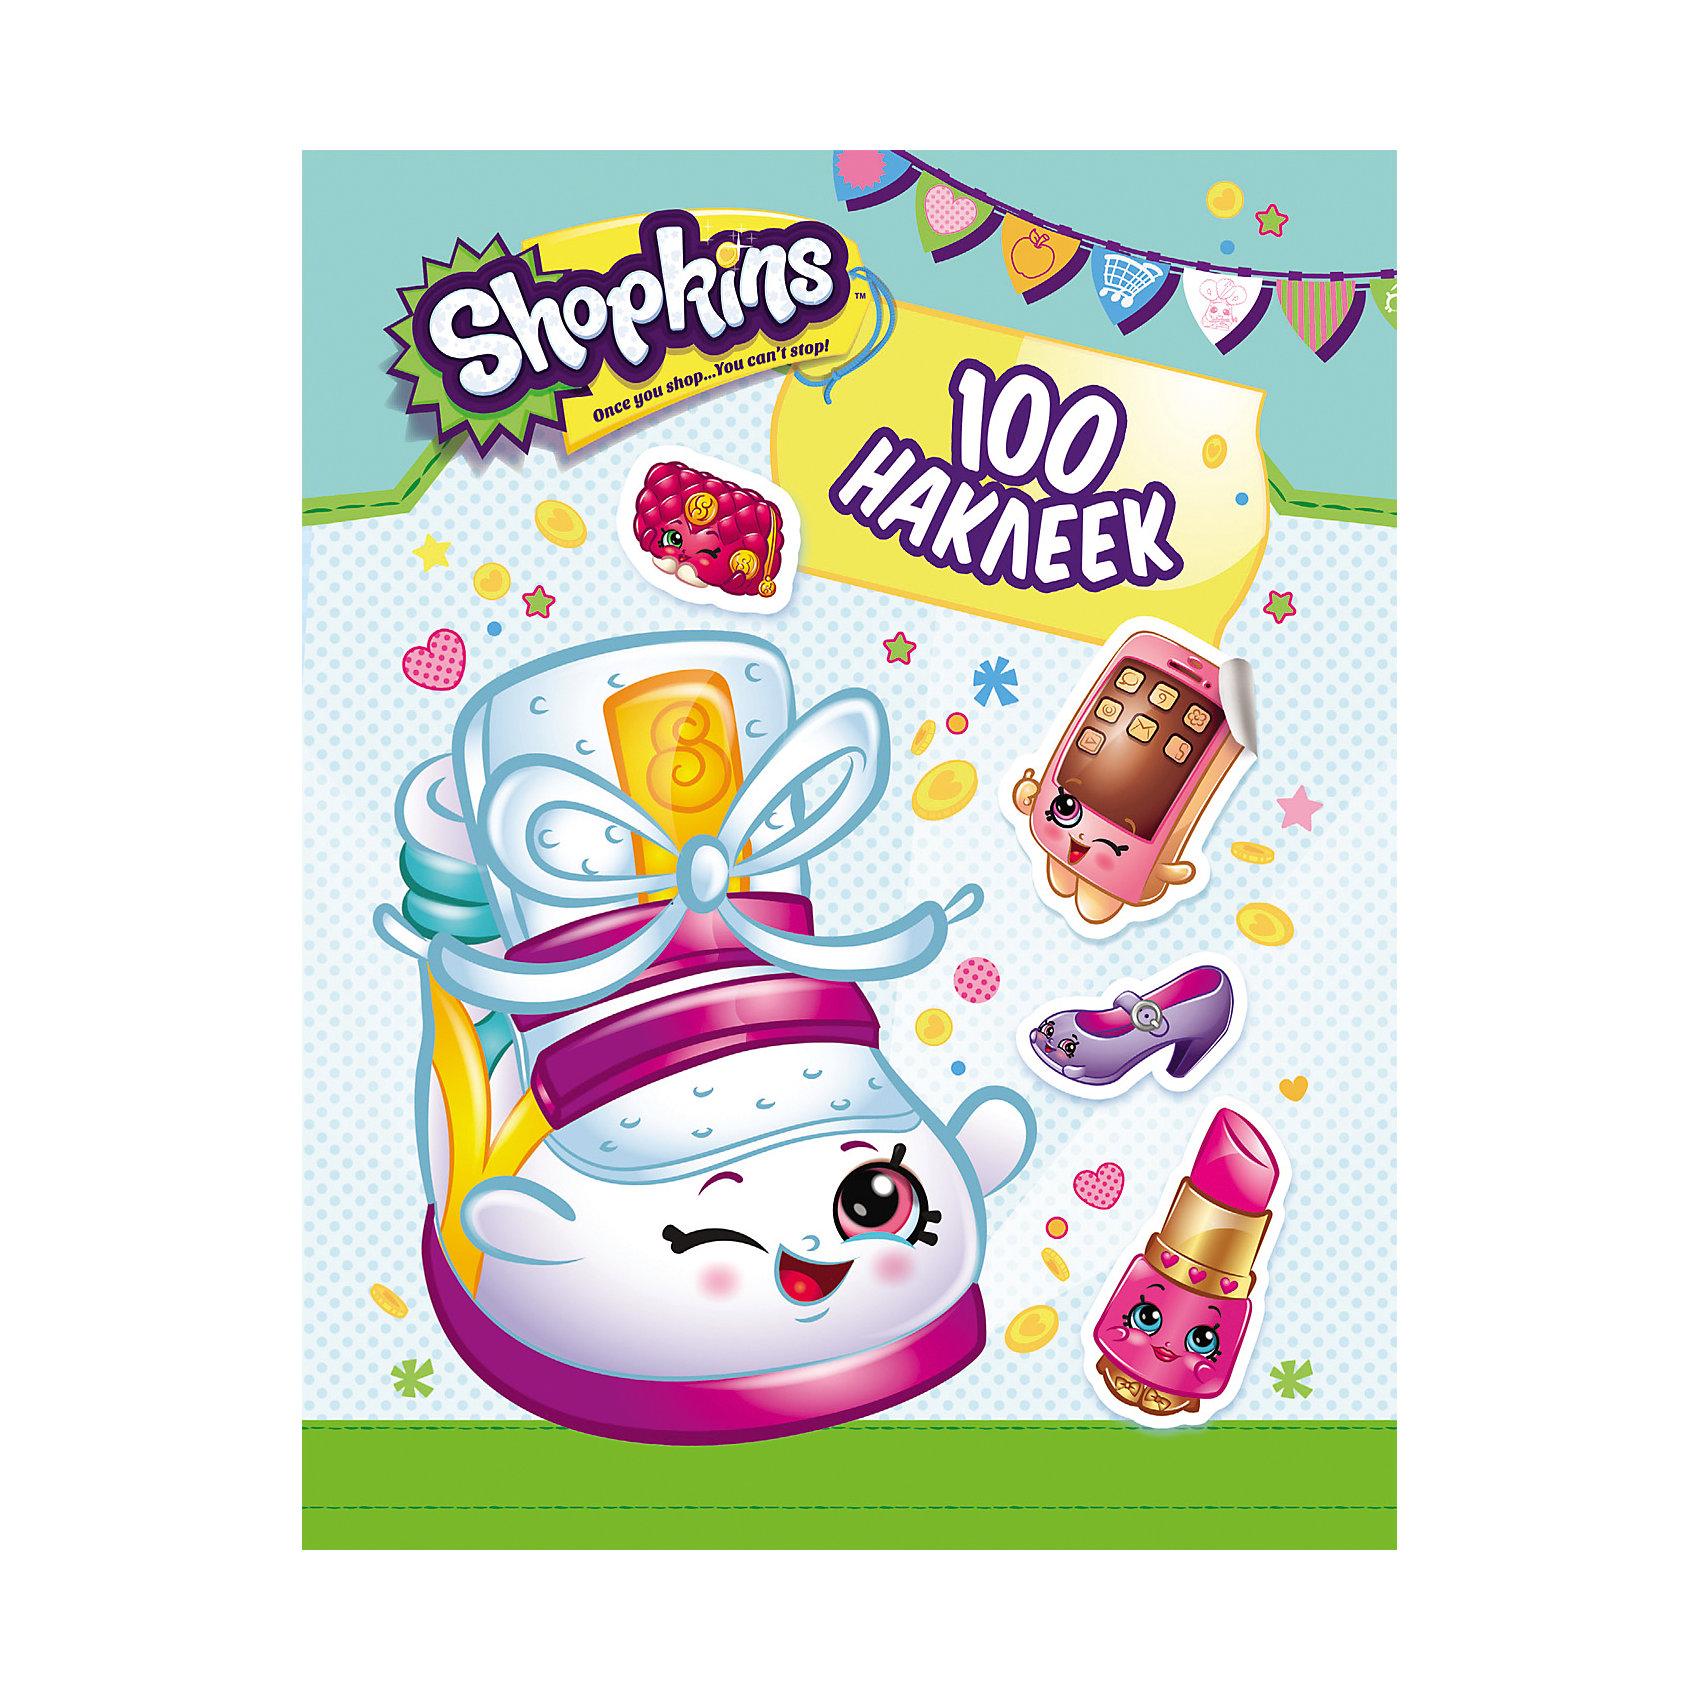 100 наклеек, цвет бирюзовый, ShopkinsКоллекция наклеек с любимыми героями мультфильма Shopkins. &#13;<br>В этом альбоме - целых 100 ярких наклеек, можно украсить комнату, тетради и игрушки!<br><br>Ширина мм: 200<br>Глубина мм: 152<br>Высота мм: 10<br>Вес г: 33<br>Возраст от месяцев: -2147483648<br>Возраст до месяцев: 2147483647<br>Пол: Унисекс<br>Возраст: Детский<br>SKU: 5453534